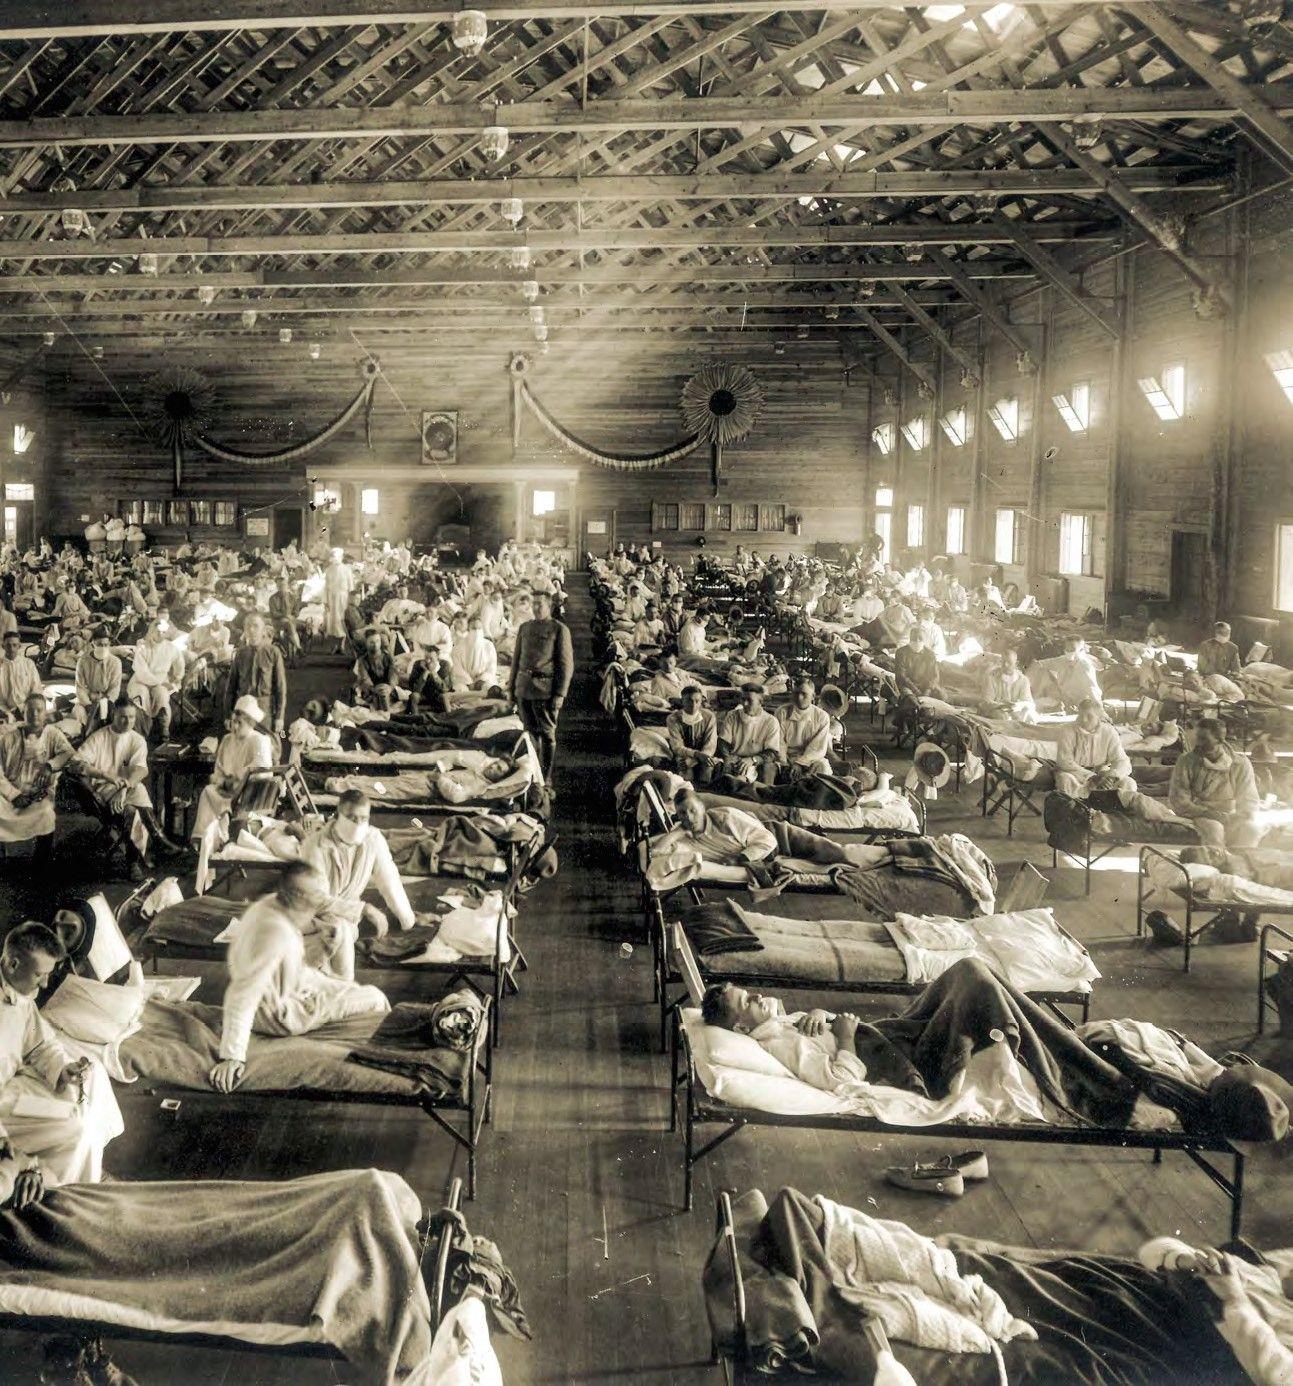 La gran gripe española y su similitud con la COVID-19 | Vistazo